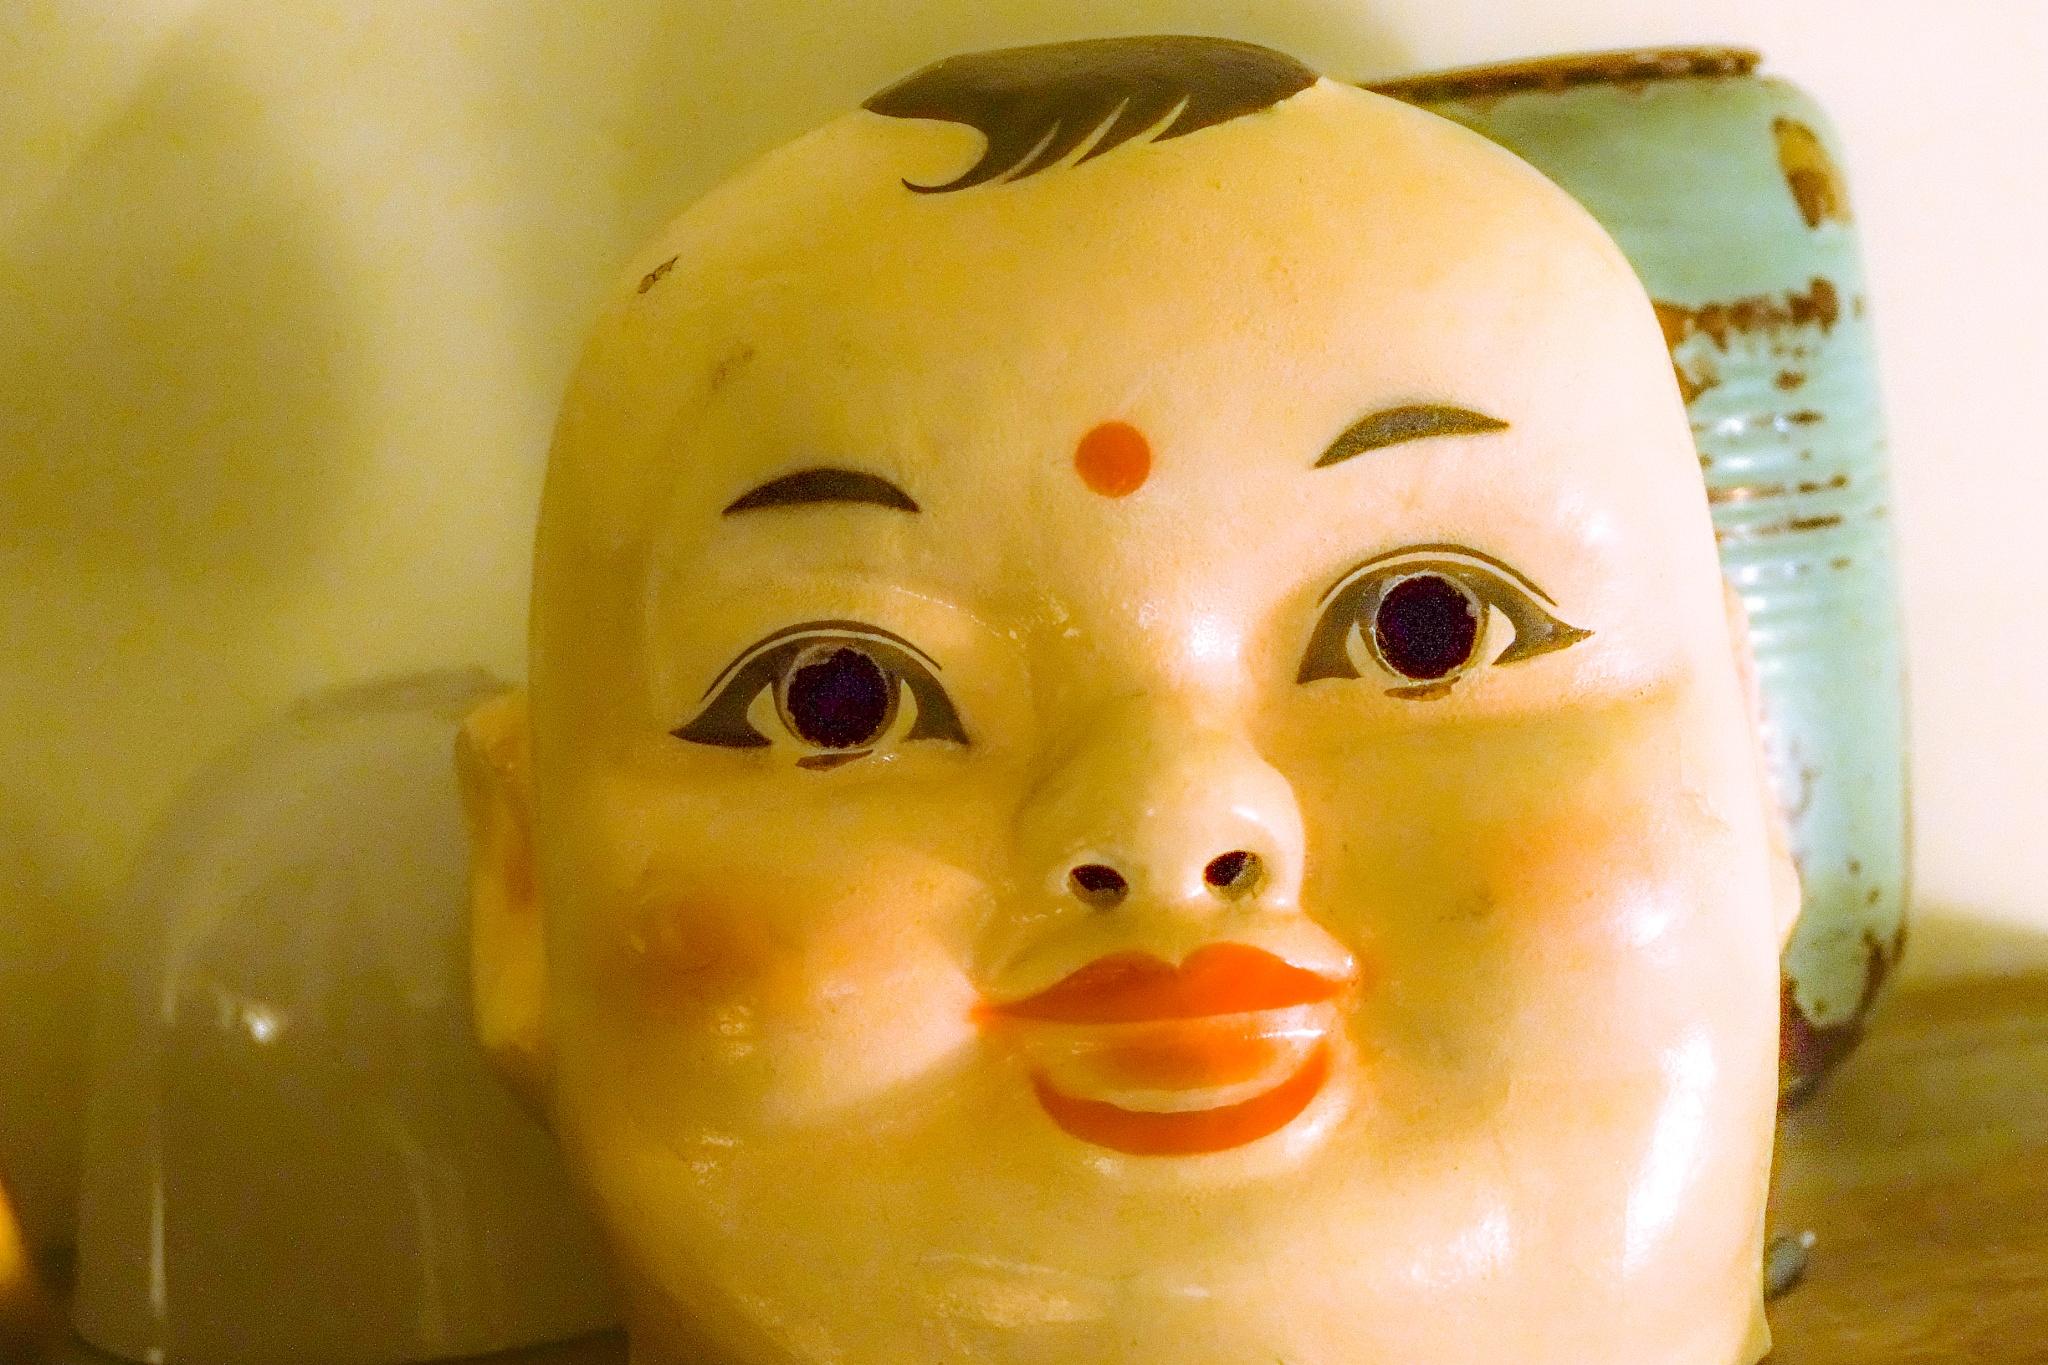 big smile by ad.kesteloo